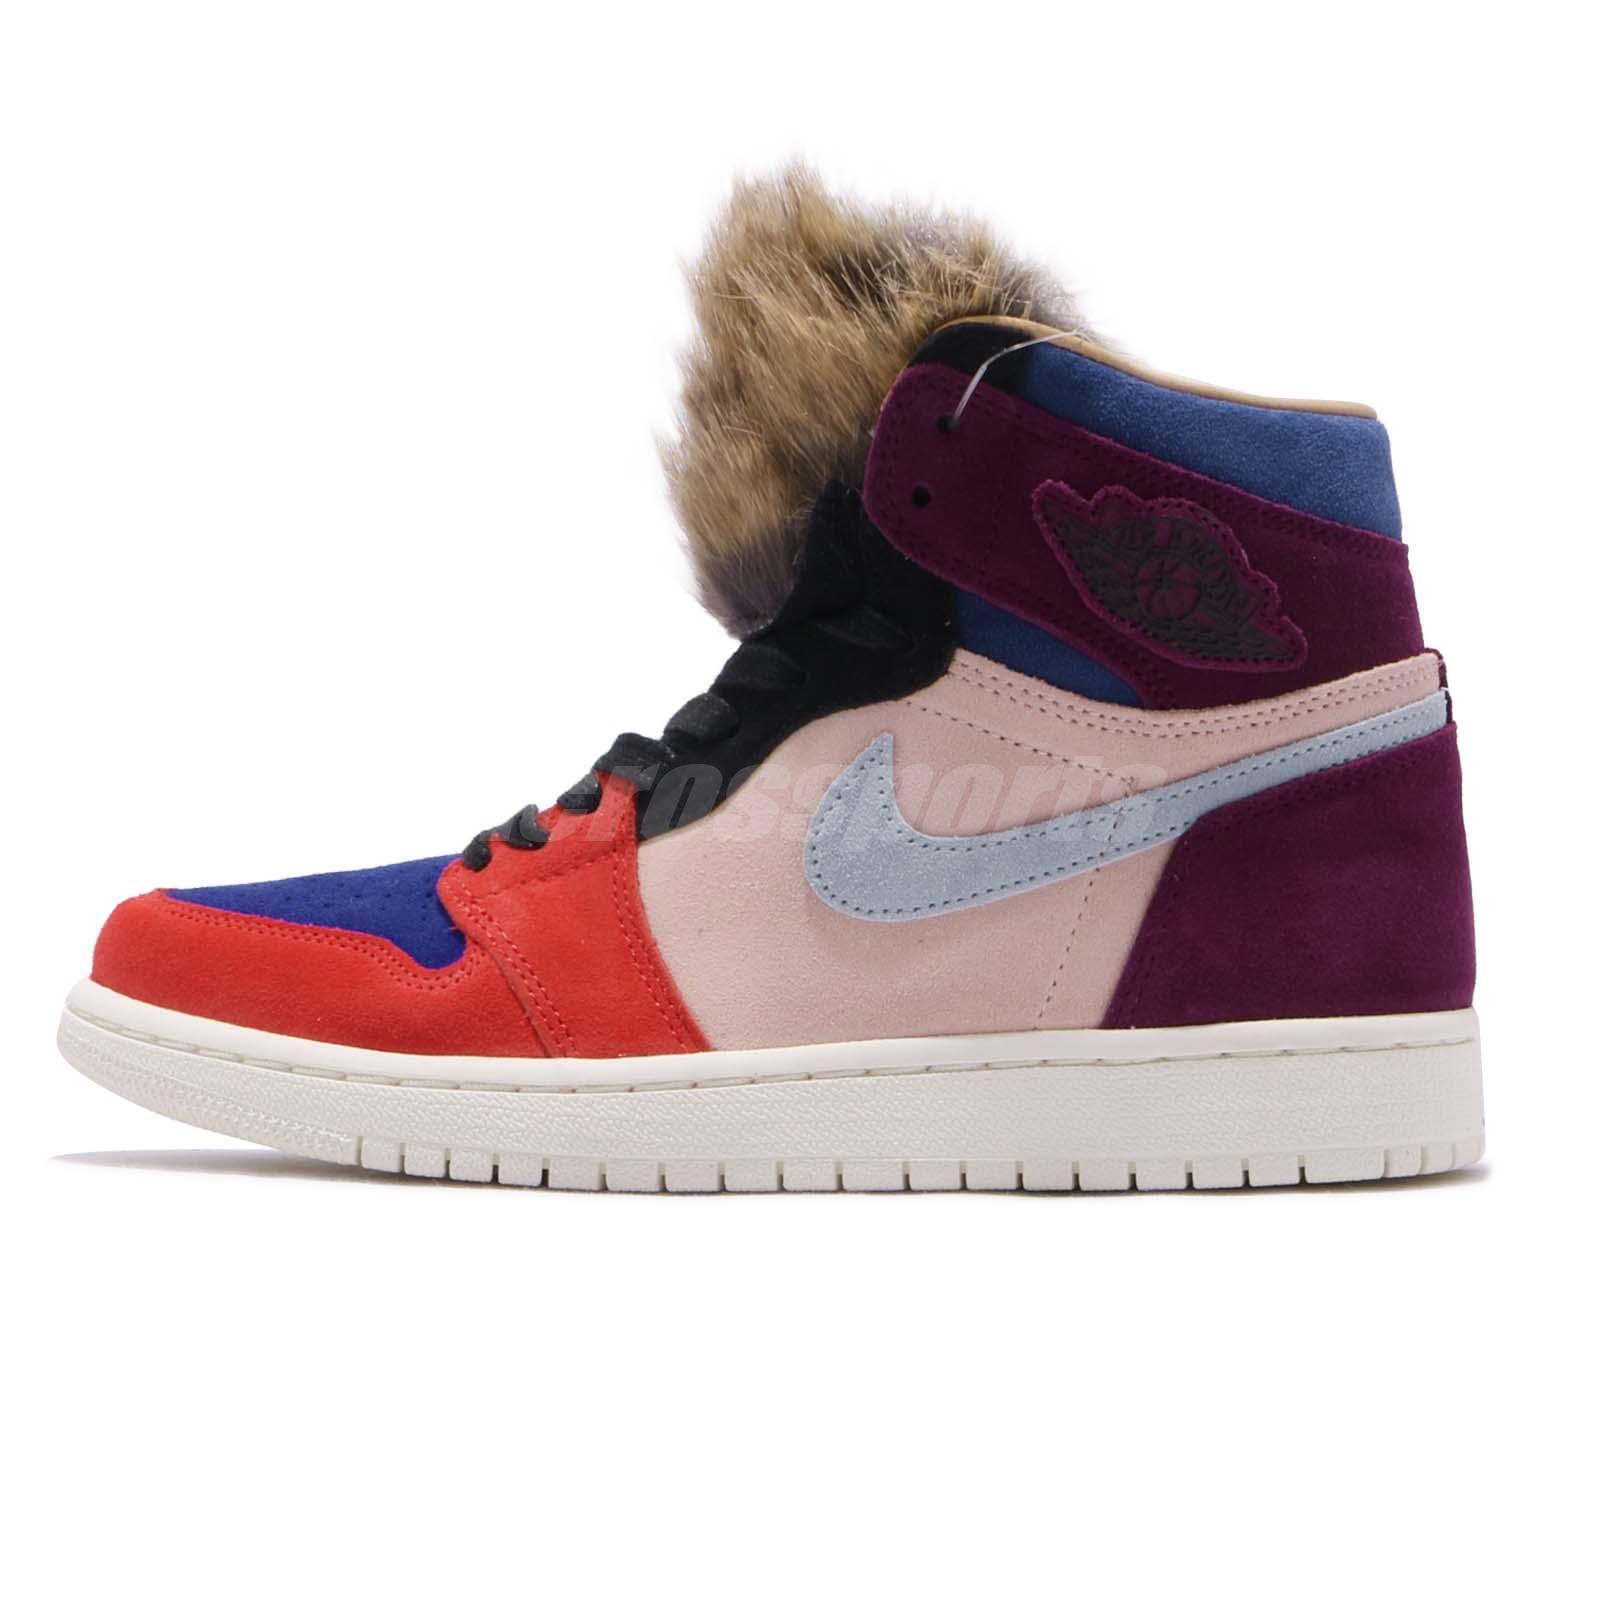 fc79c7202b7b Nike Wmns Air Jordan 1 High OG NRG Court Lux Aleali May Viotech Women BV2613 -600